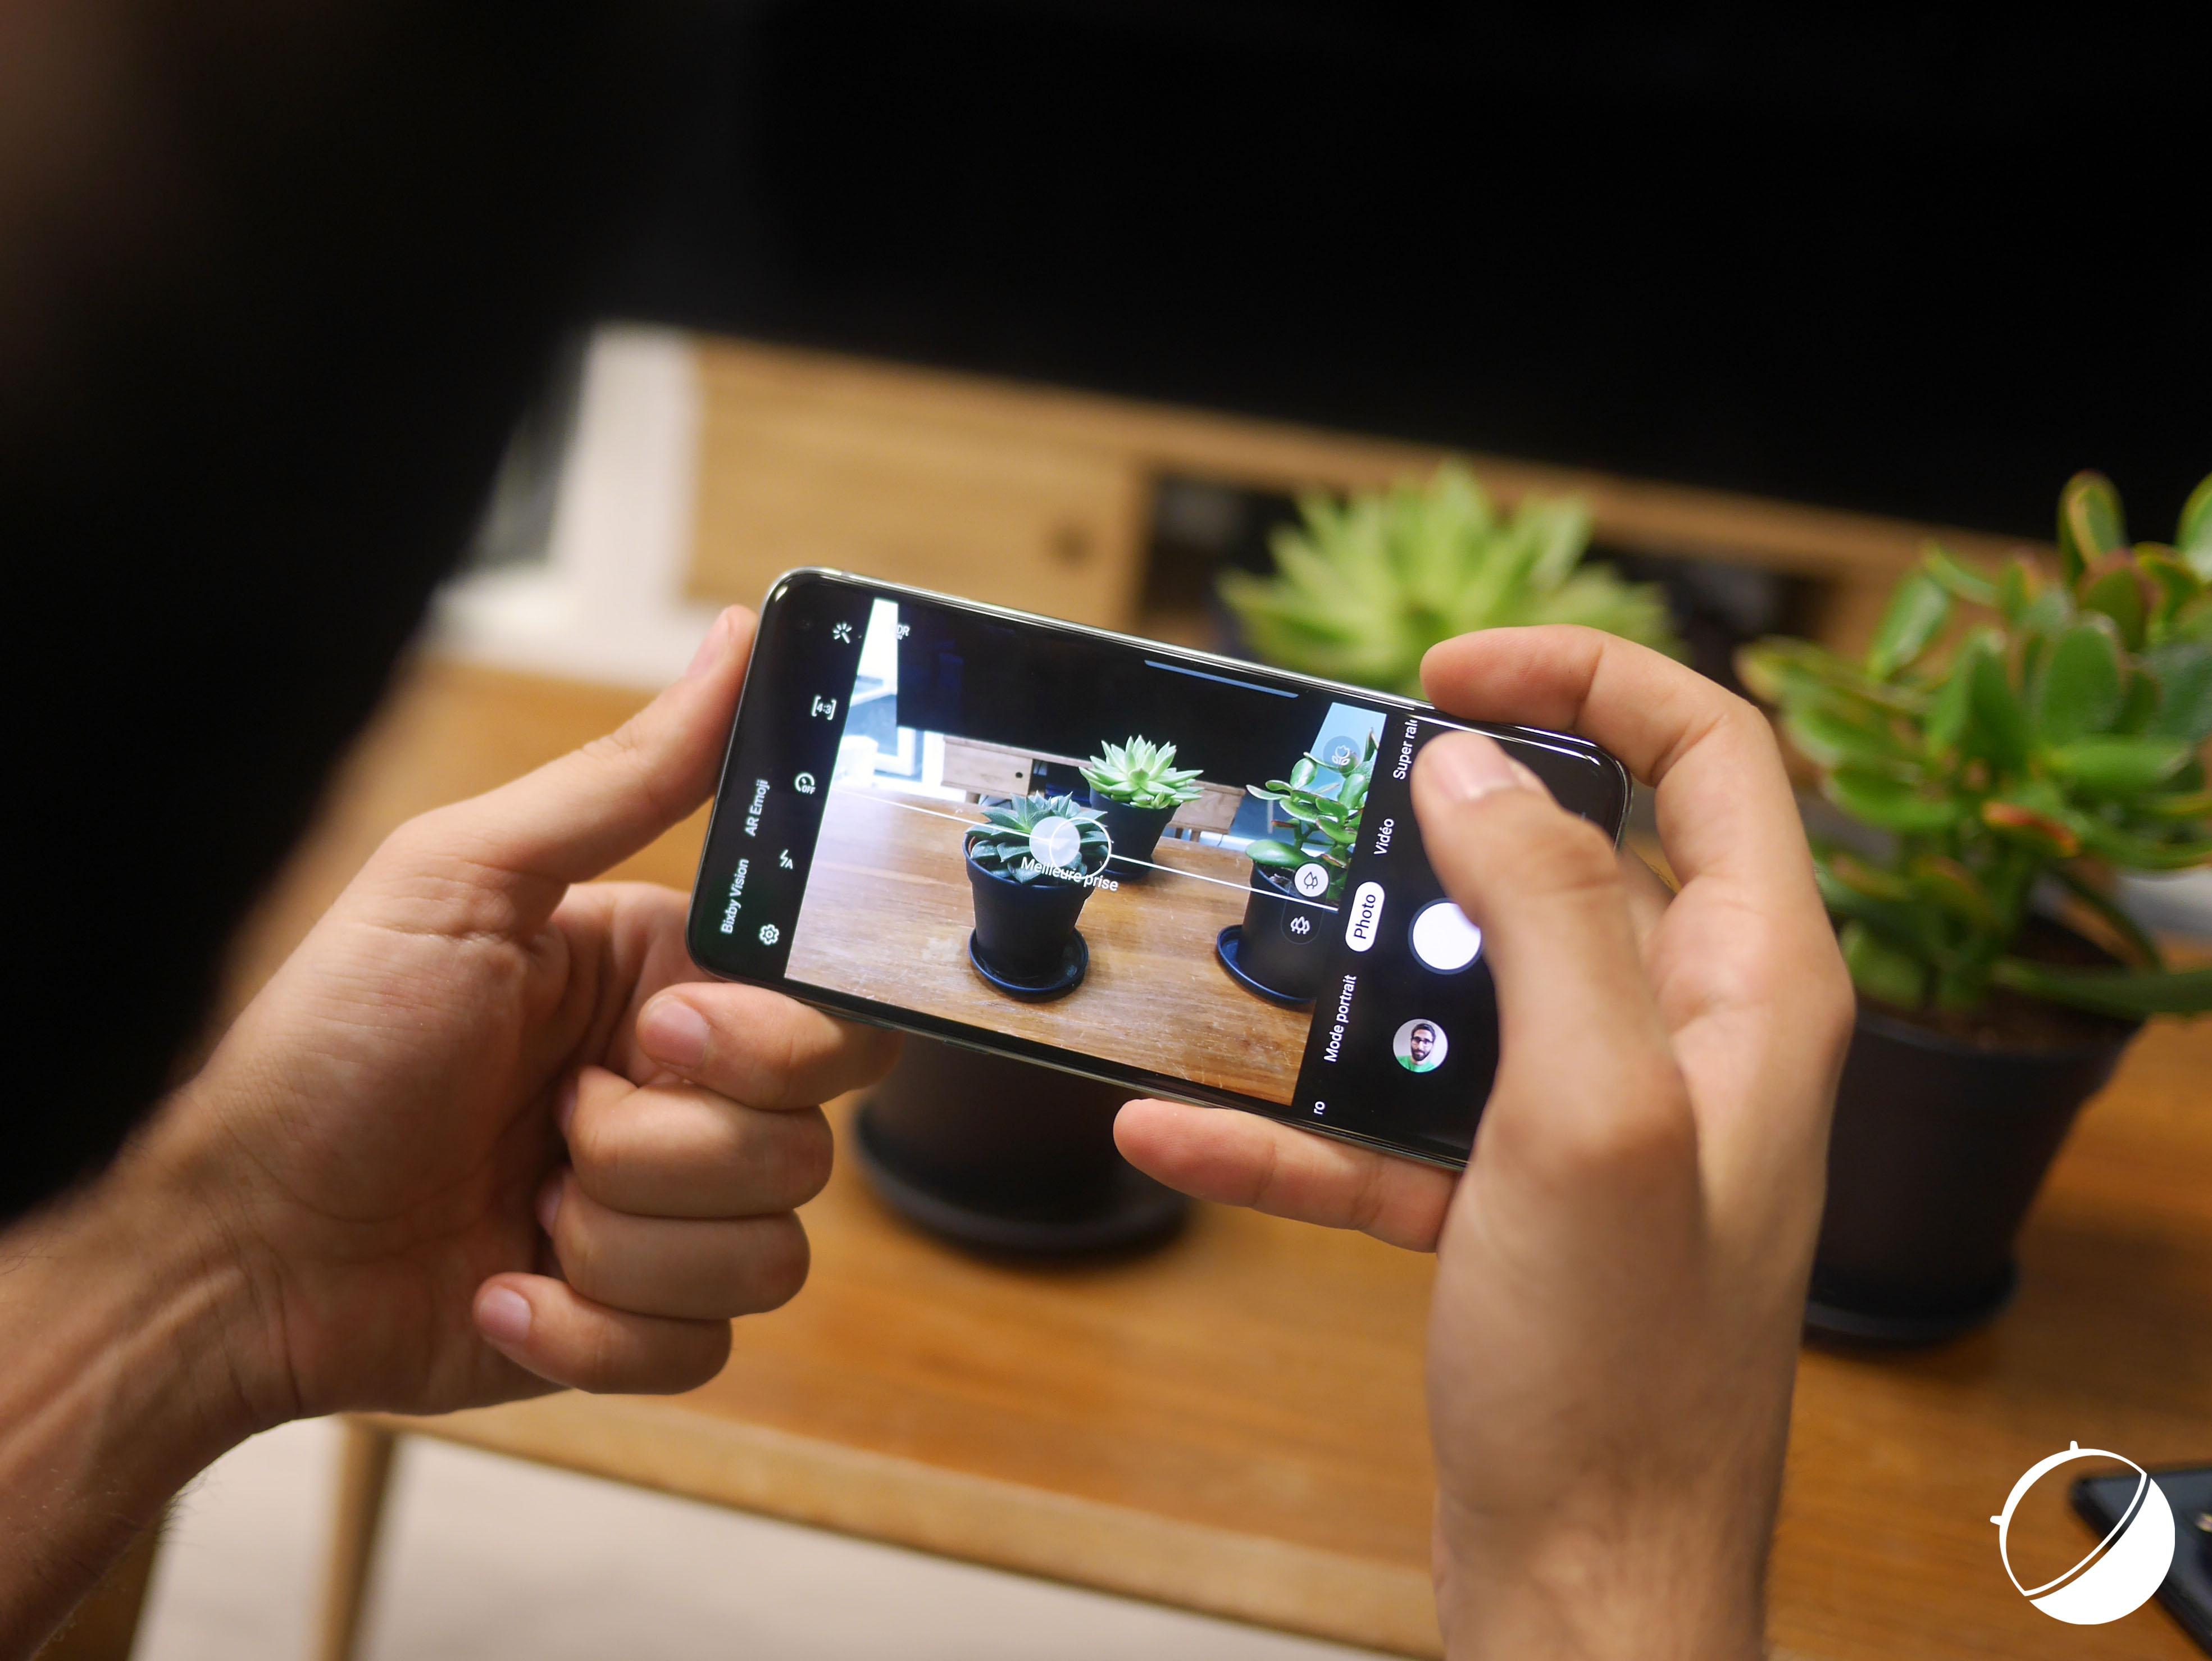 🎁 Concours : gagnez un Samsung Galaxy S10e avec Cdiscount et FrAndroid Promos !